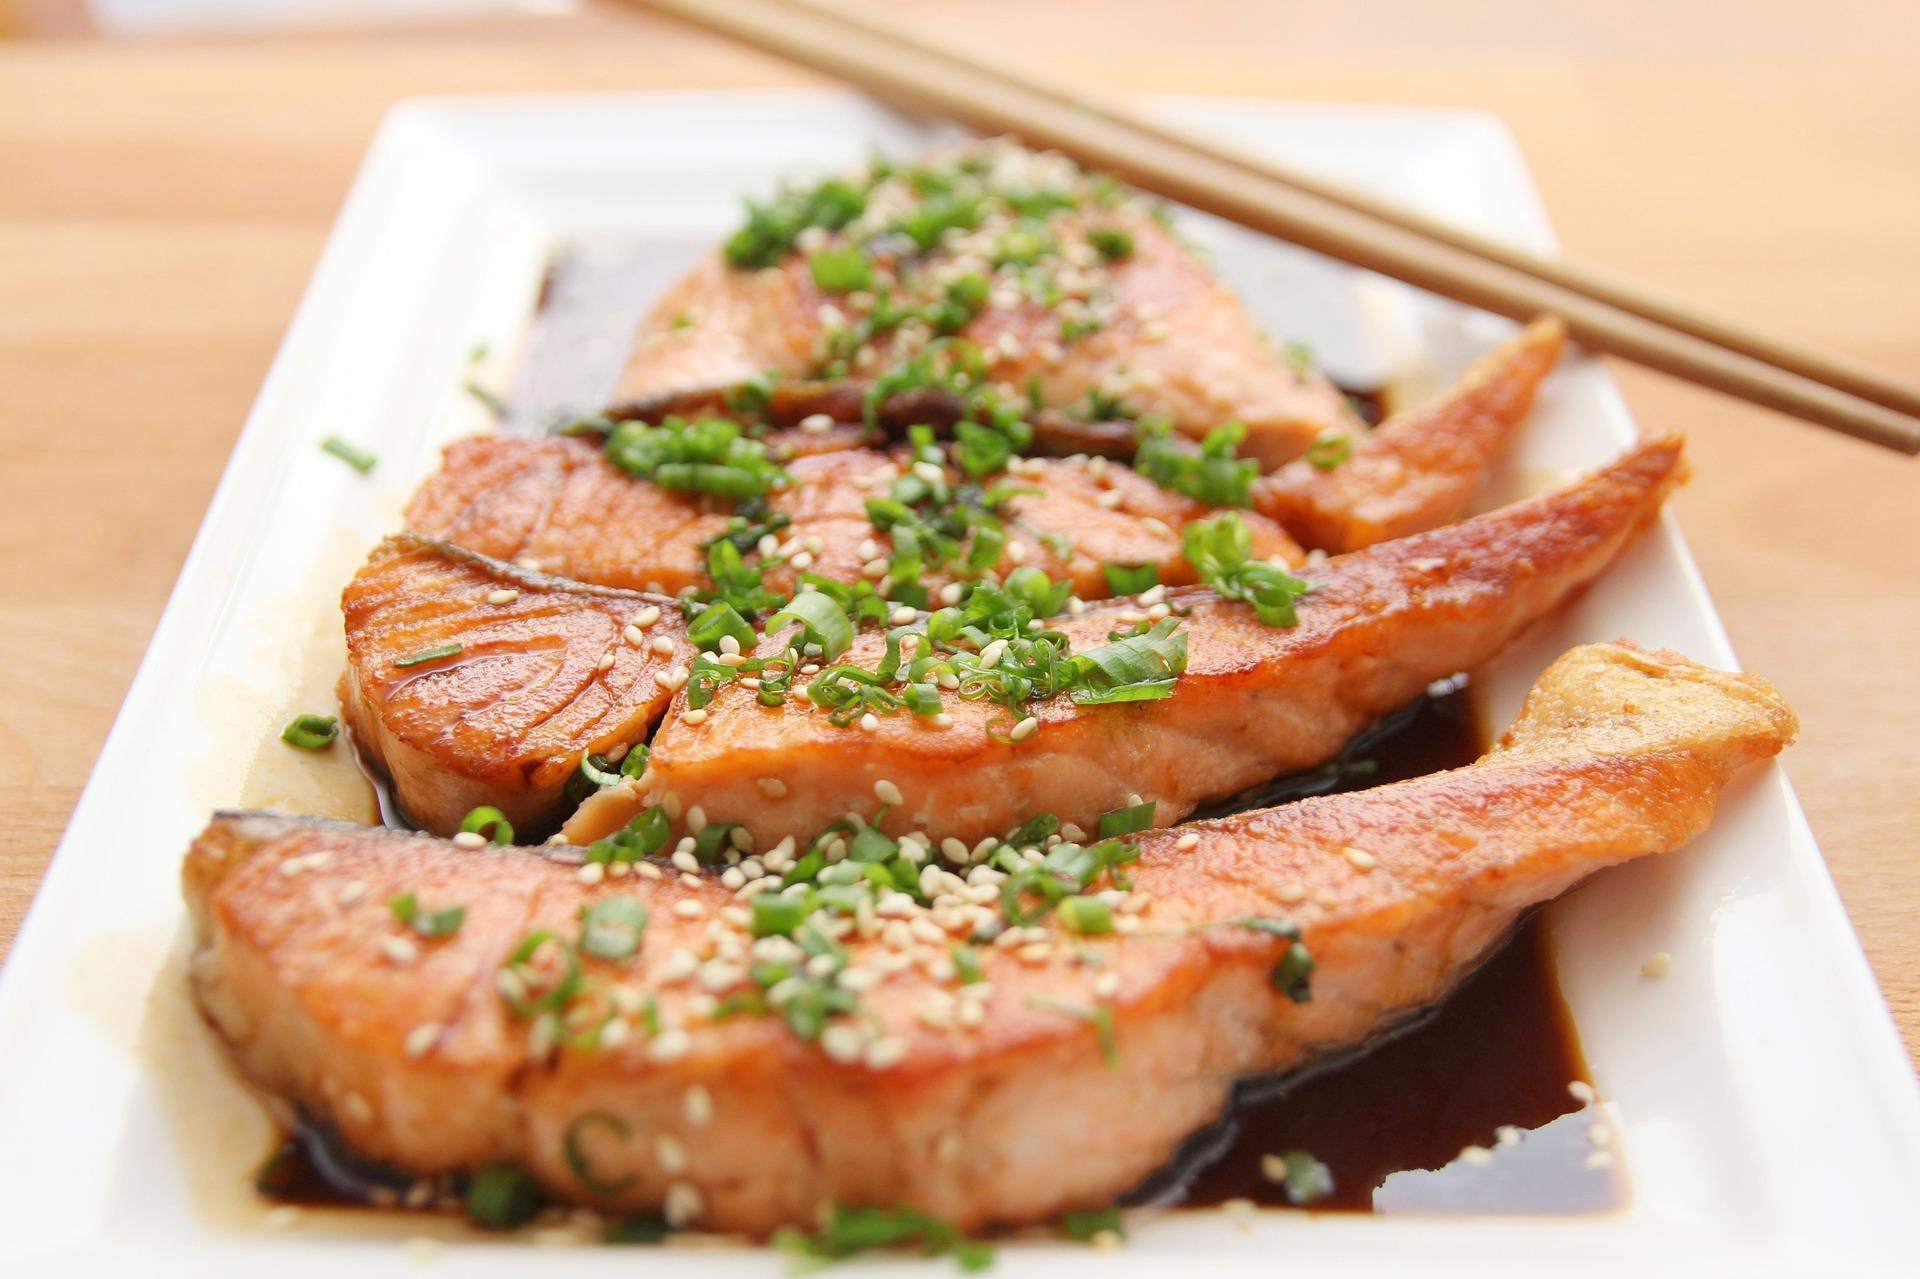 Nitratreiche Gemüsekonzentrate in der Bio-Fleischherstellung